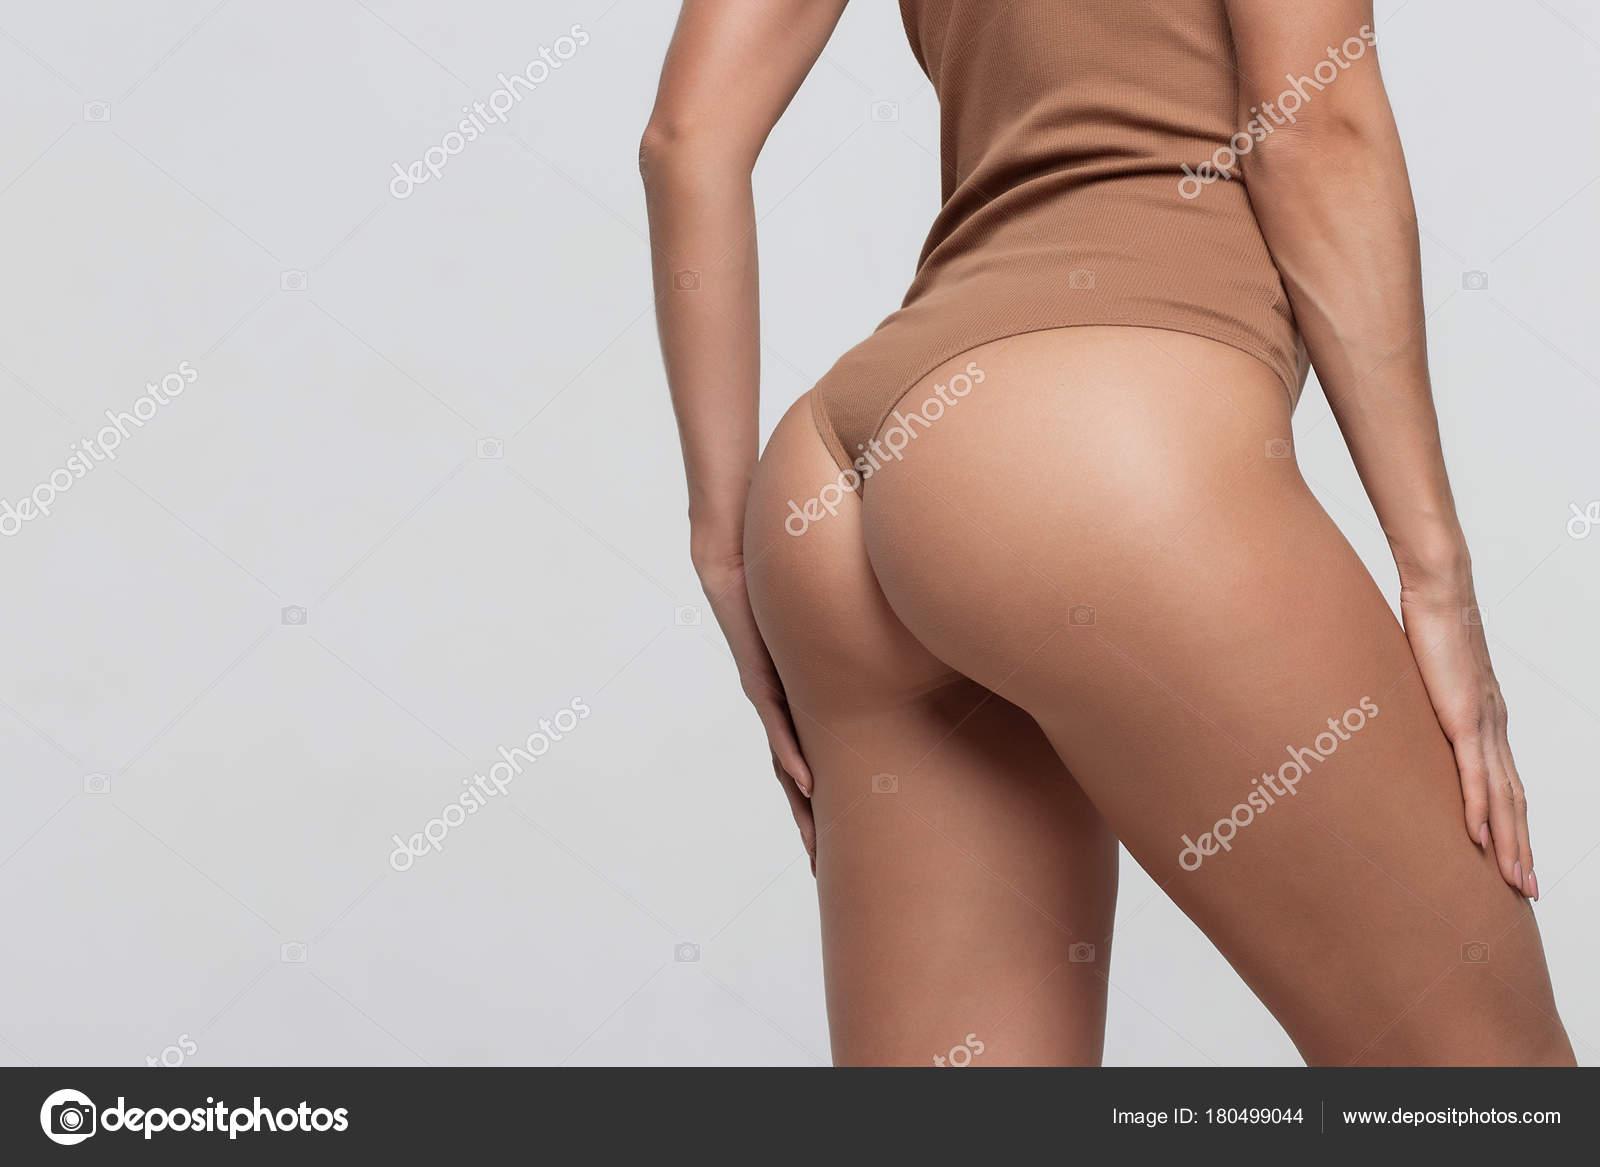 Женские попки в высоком разрешении, лесби один